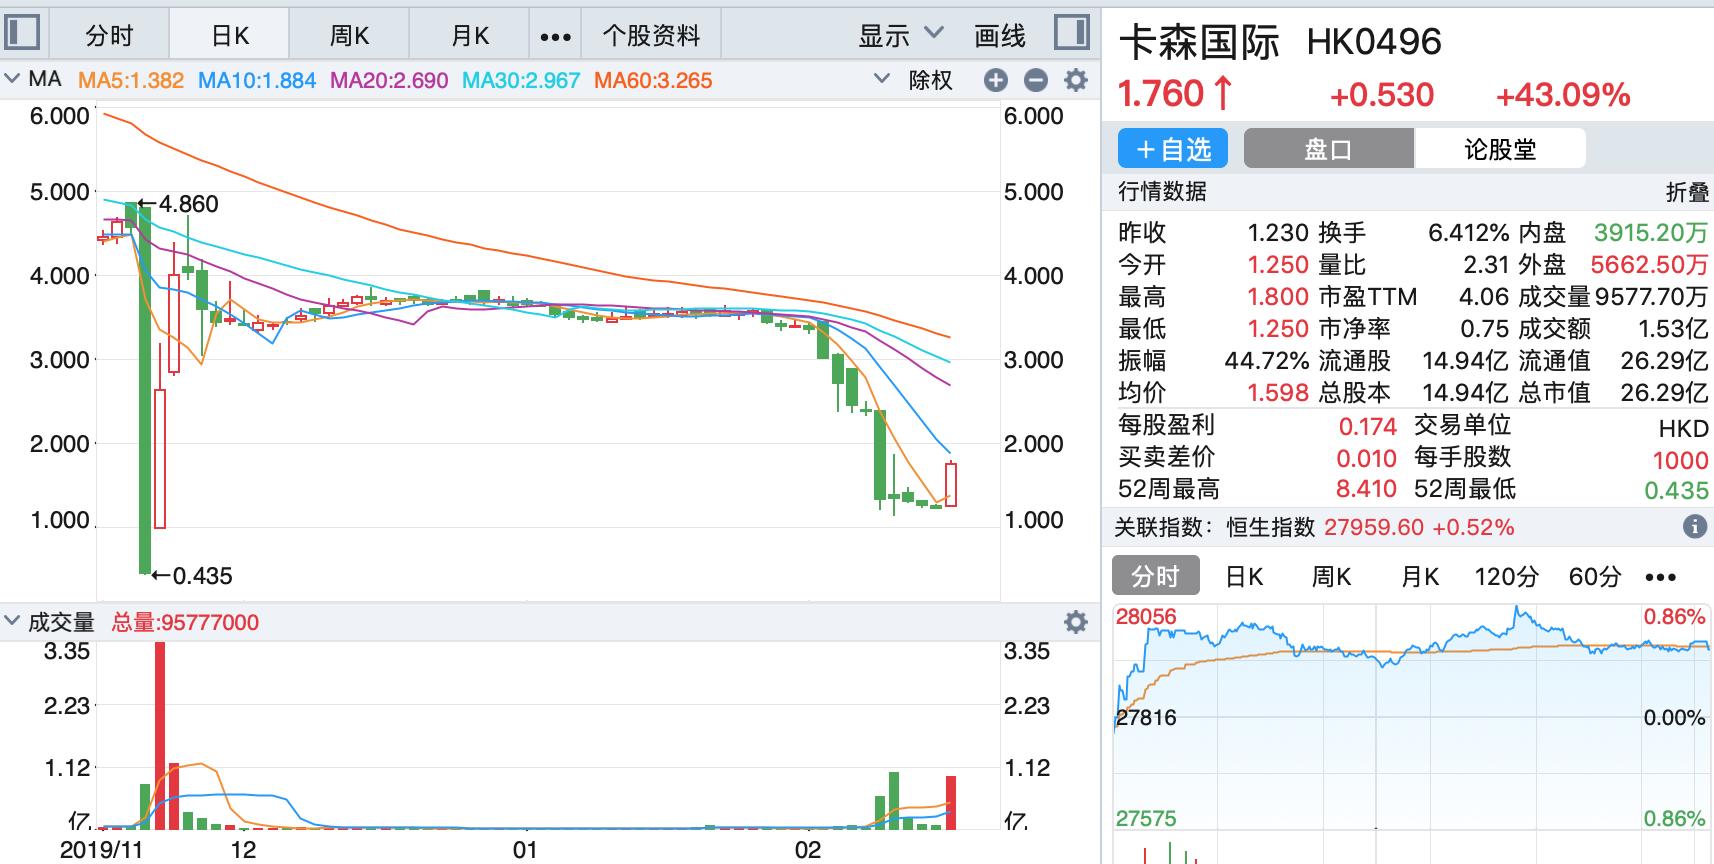 卡森国际发布复工消息后暴涨44% 曾被沽空跌成仙股